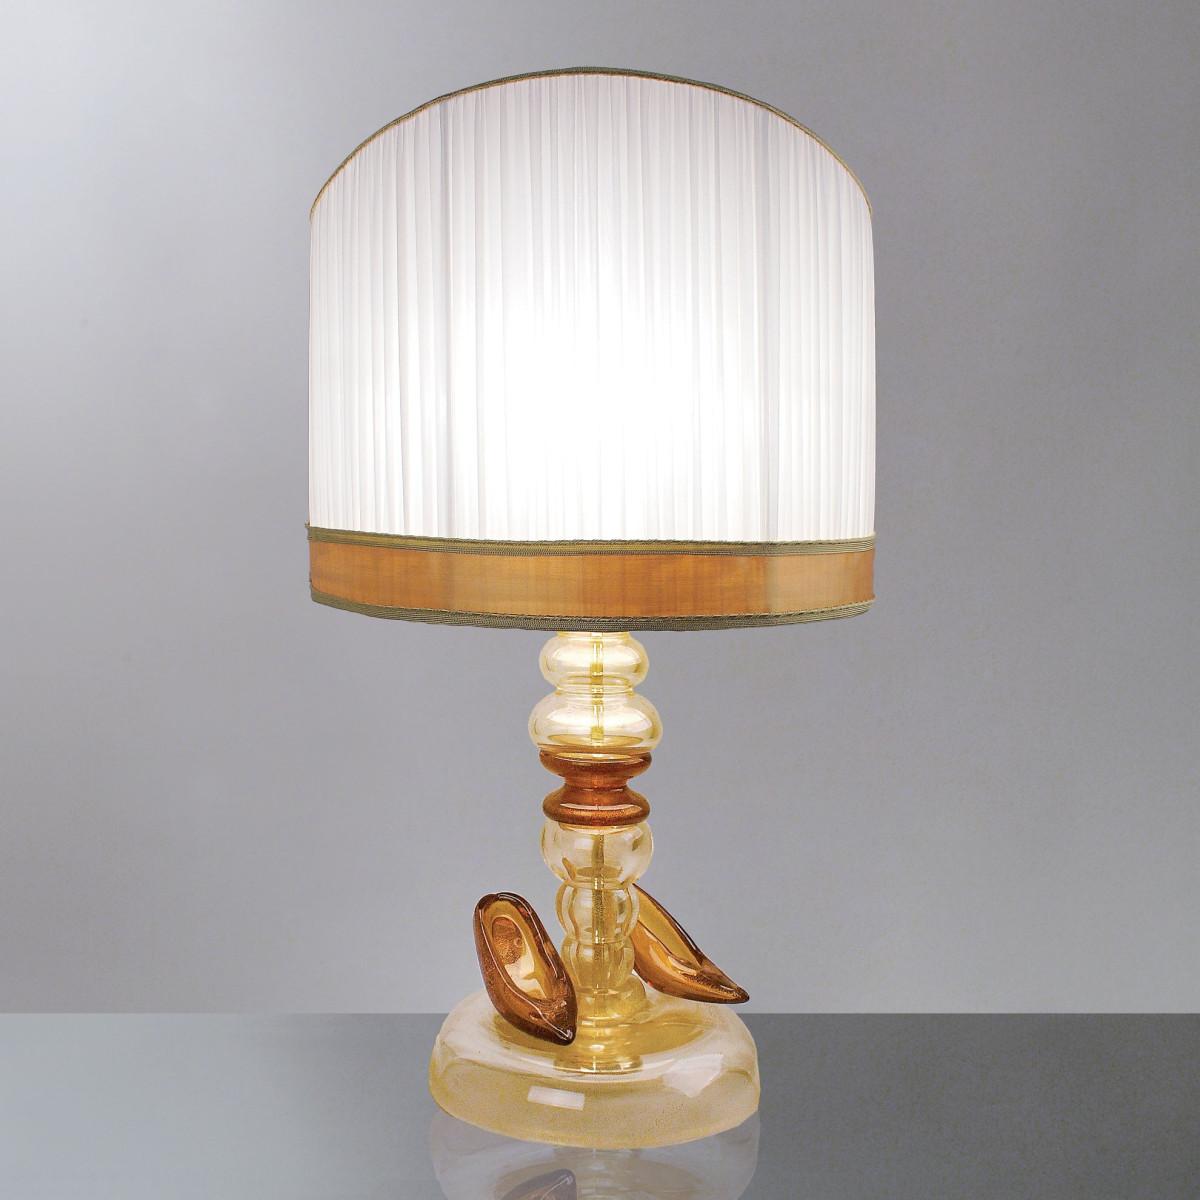 """""""Eudora"""" lampe de table en verre de Murano - 1 lumiere - or et ambre"""